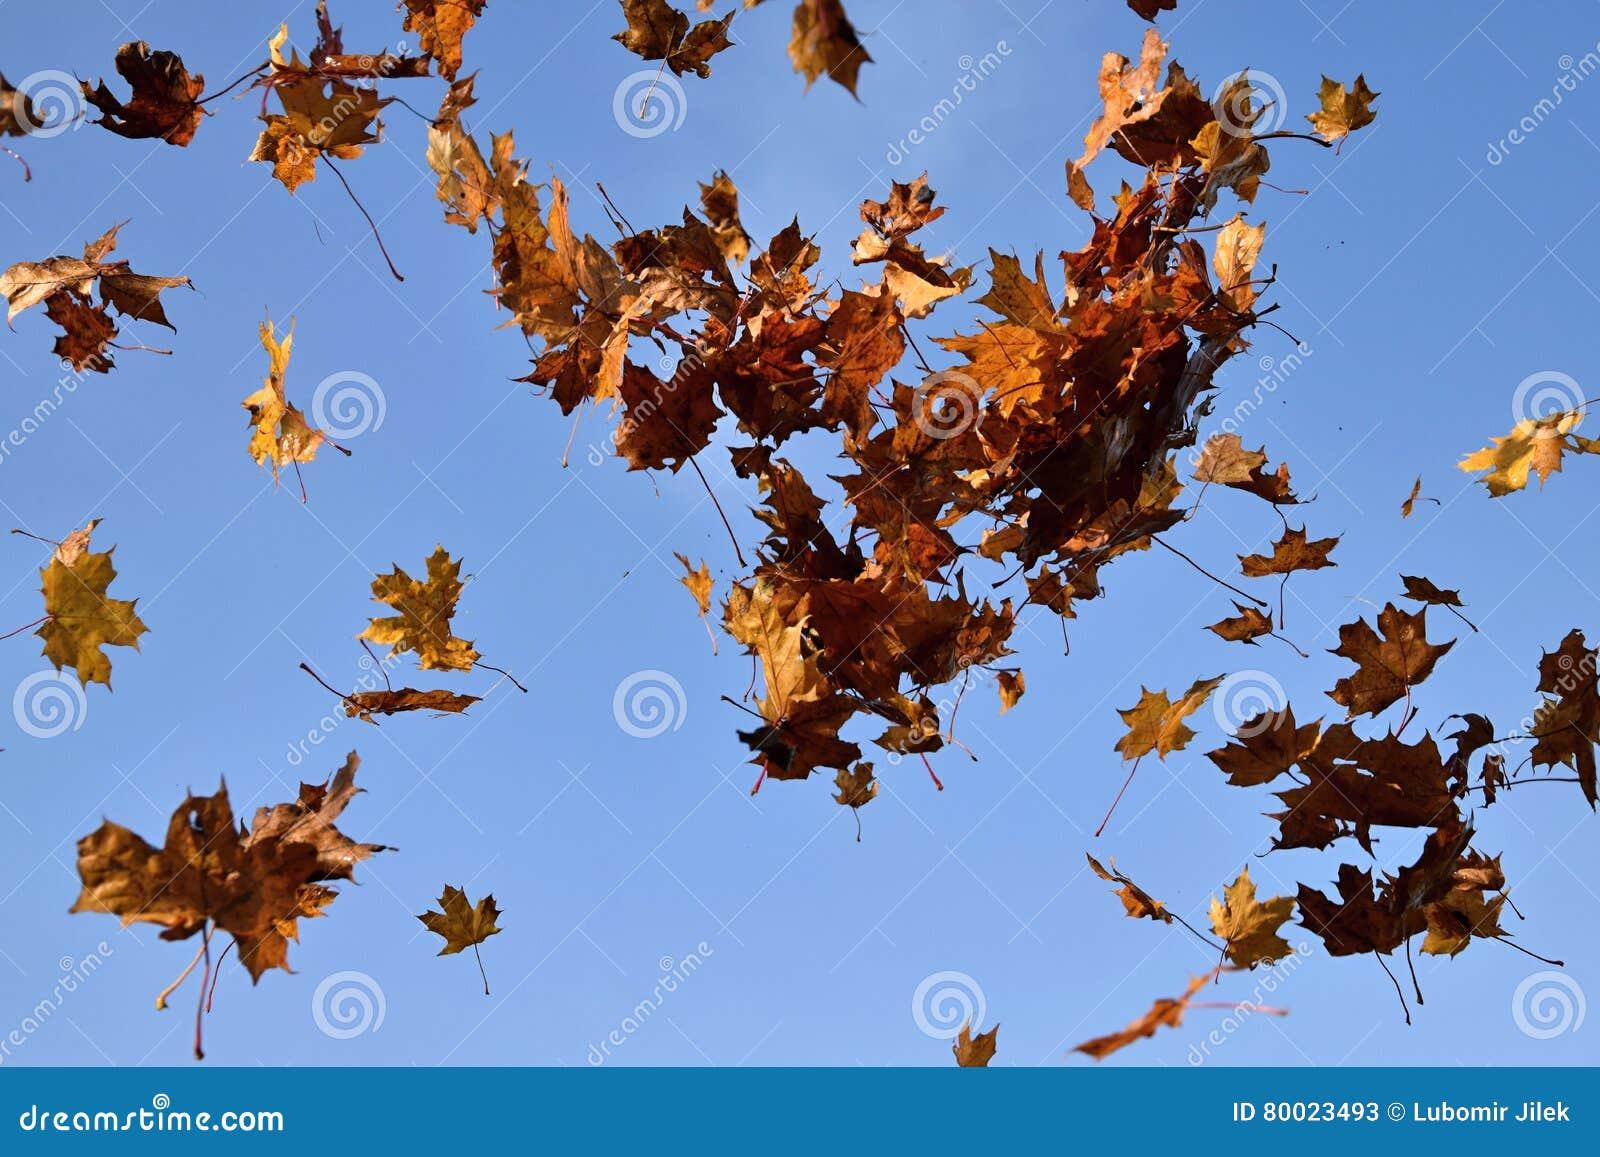 les feuilles en baisse d 39 un arbre d 39 rable l 39 arri re plan de ciel bleu image stock image. Black Bedroom Furniture Sets. Home Design Ideas